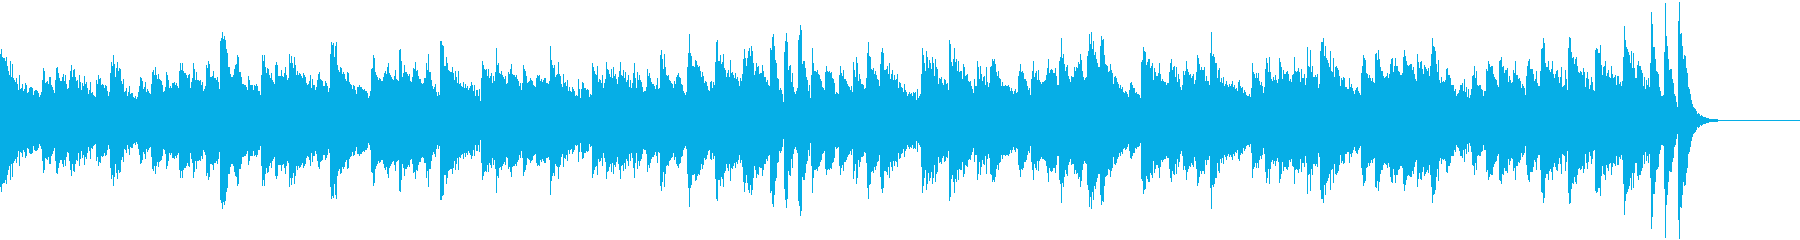 ベトナムを意識したアジアンピアノジングルの再生済みの波形